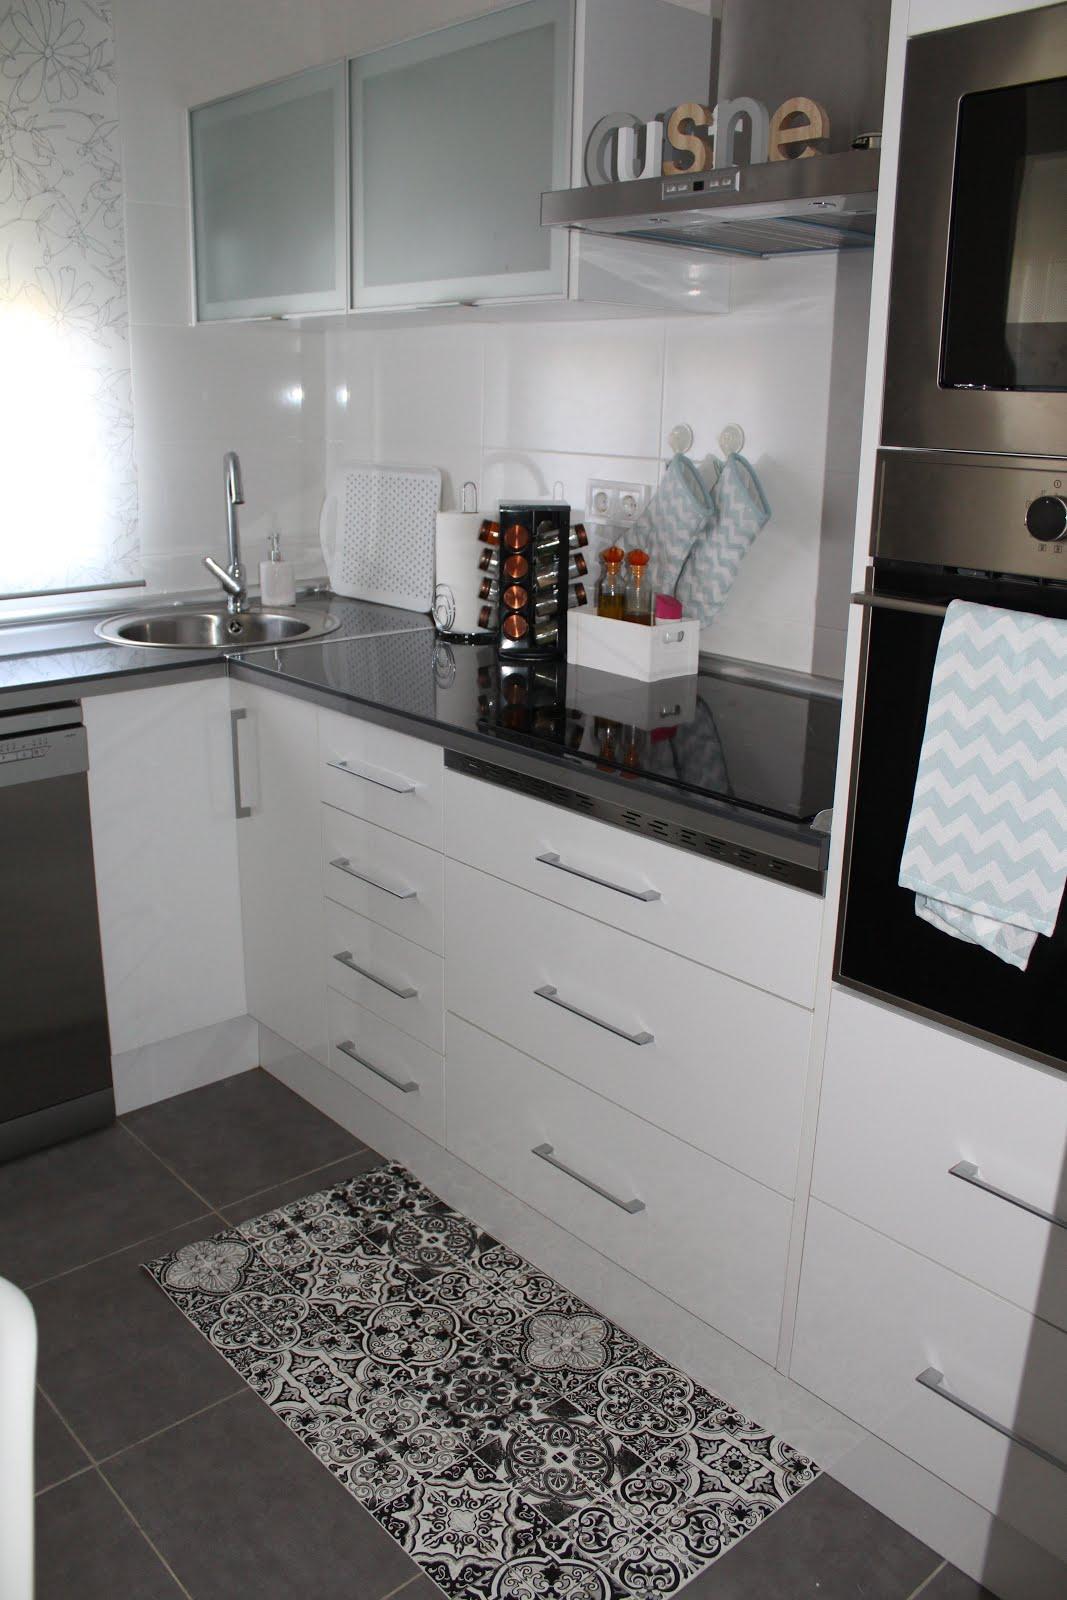 Encimera cocina bricomart solo otra idea de imagen de muebles - Encimeras de cocina bricomart ...